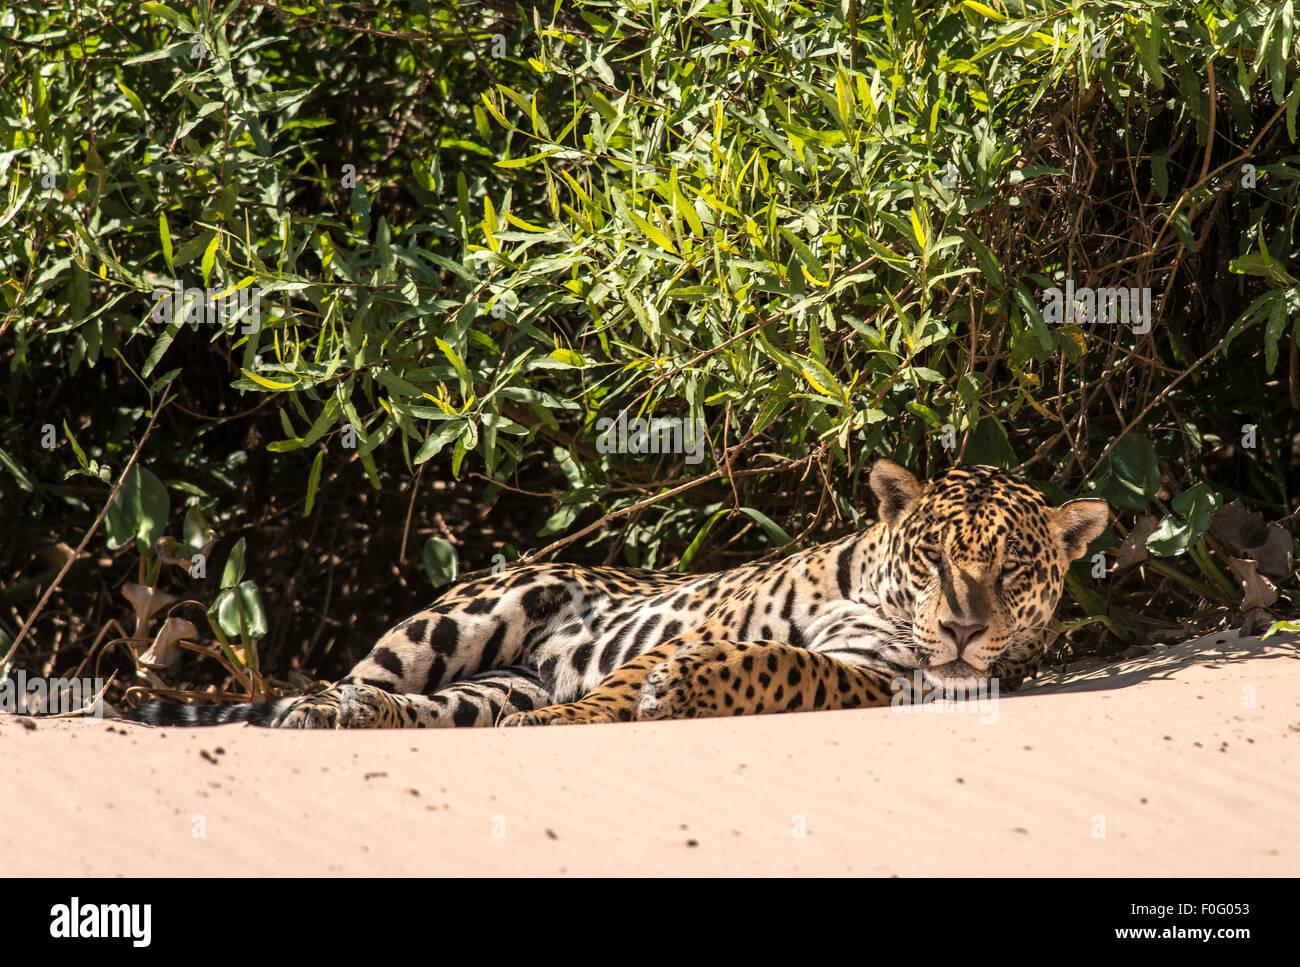 Erwachsenen Jaguar liegen am Strand von drei Brüdern Fluss Pantanal Mato Grosso, Brasilien Stockbild